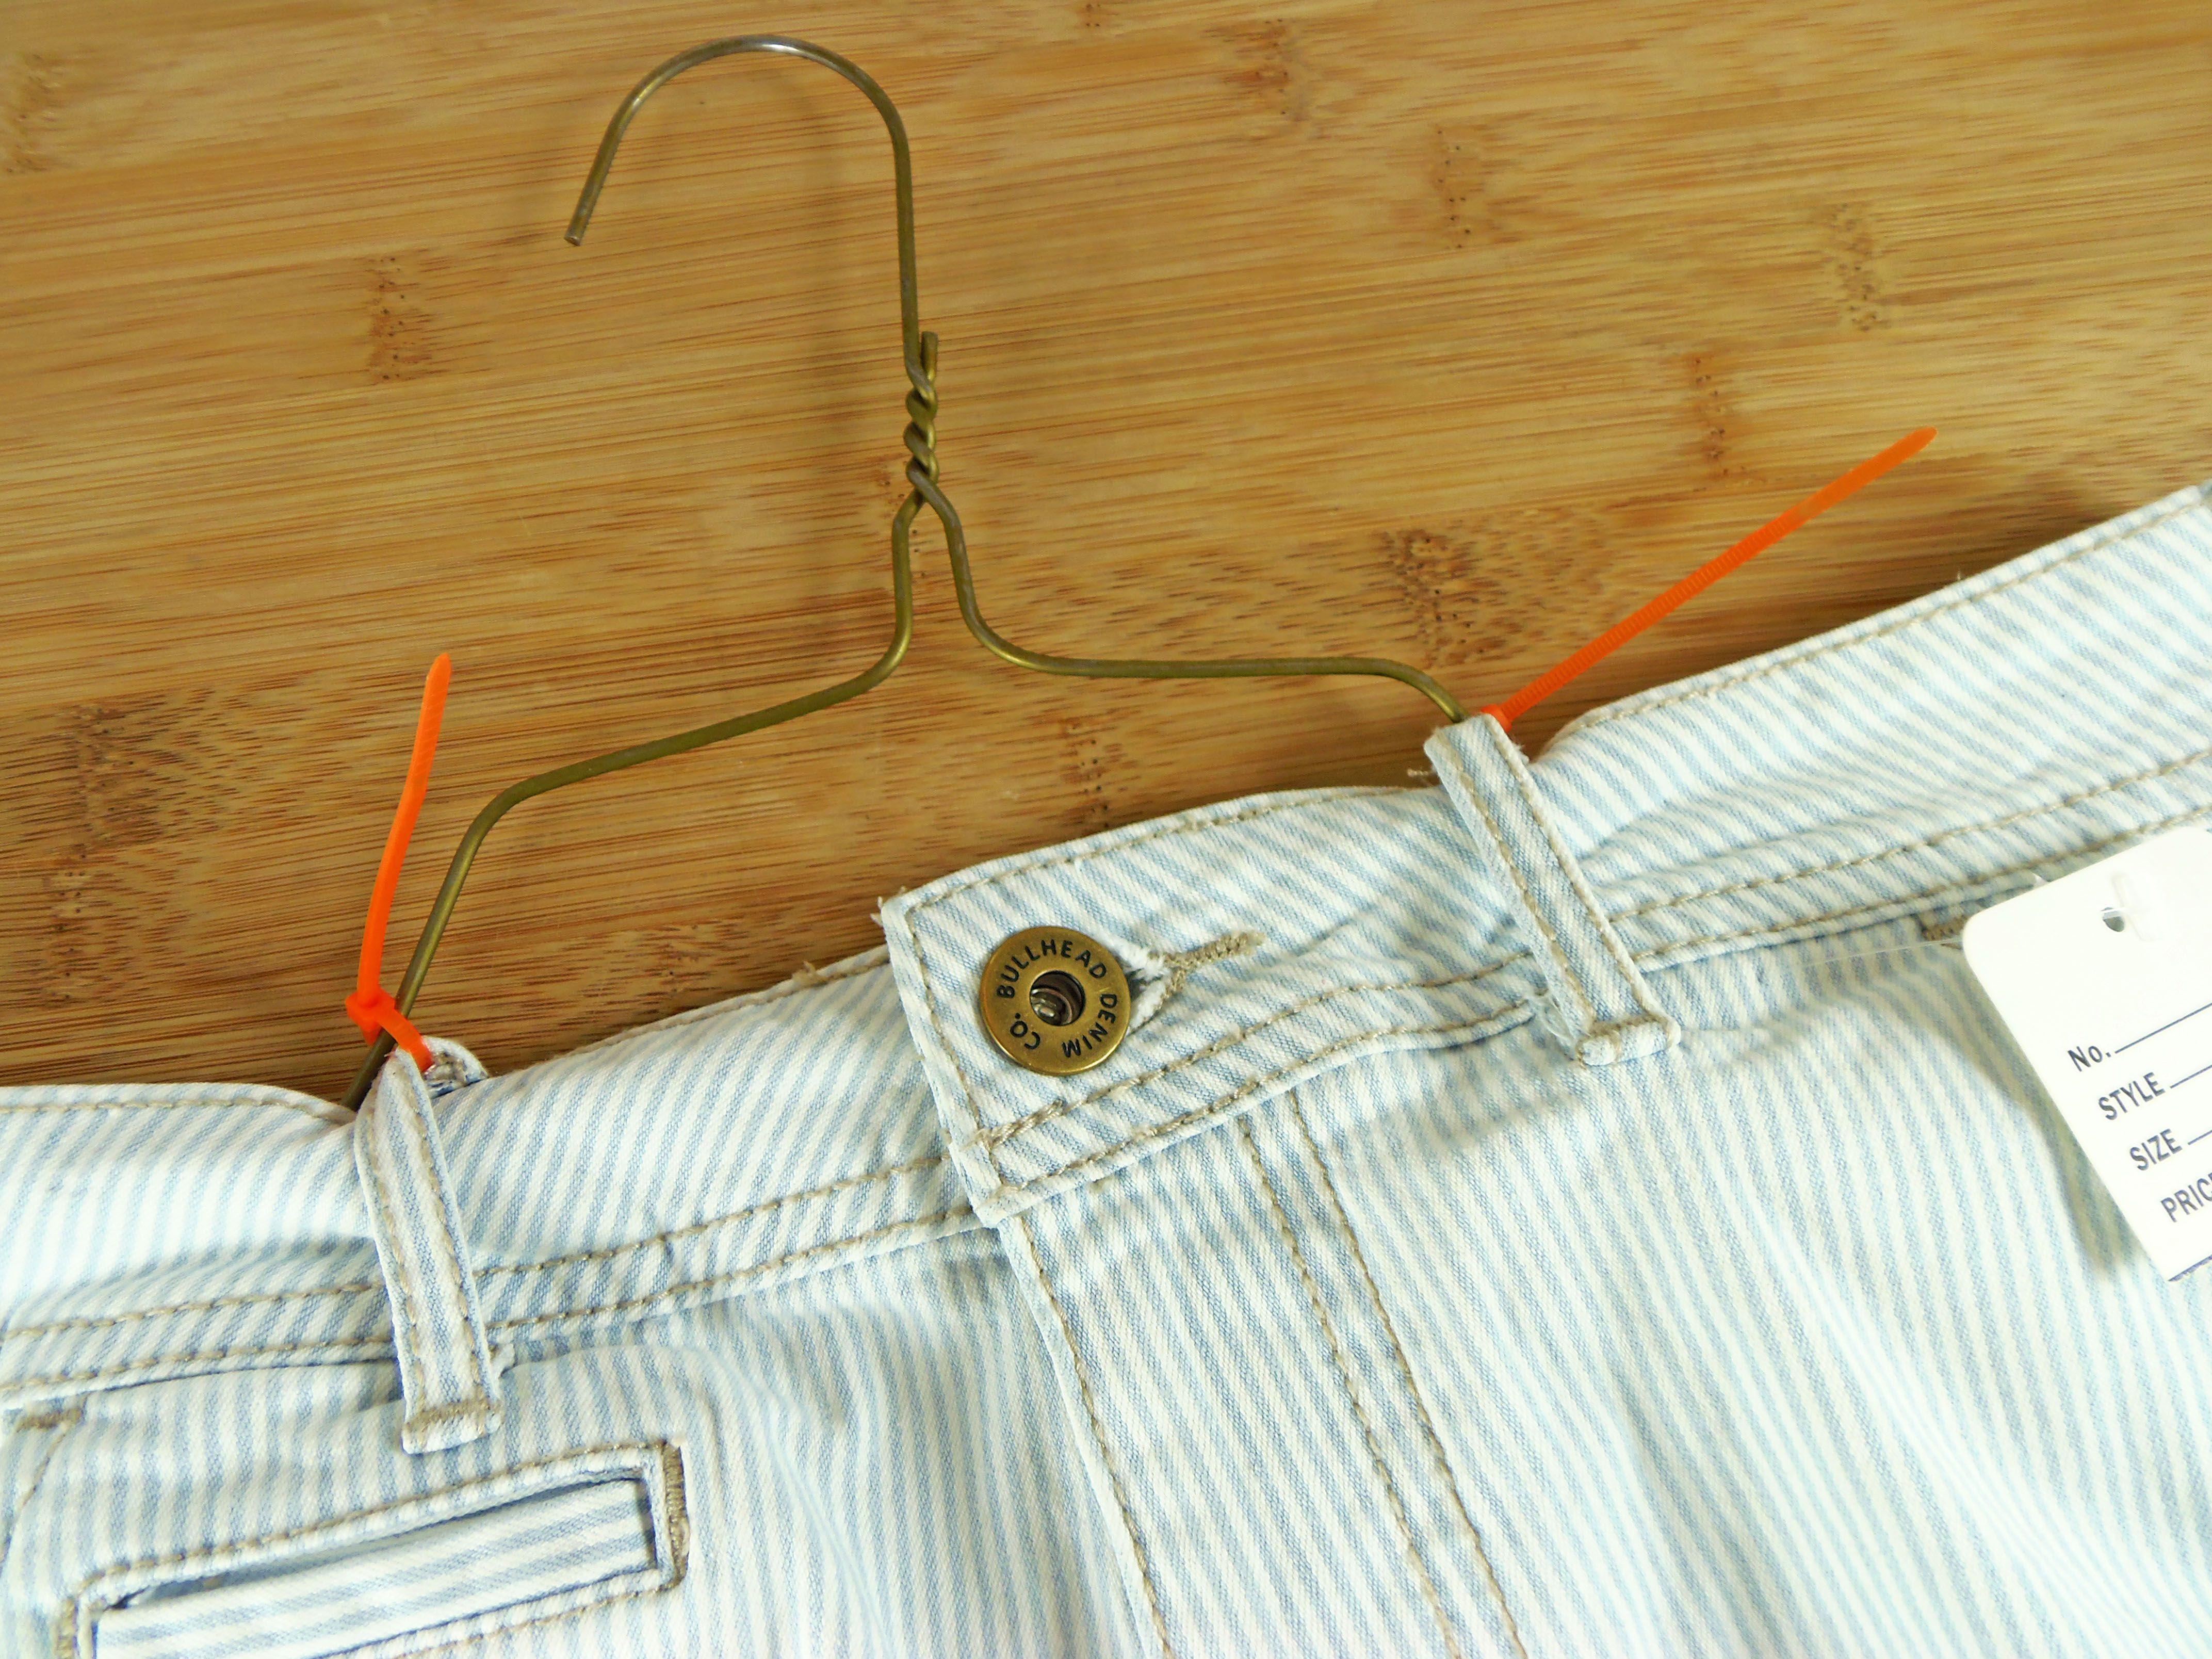 Hang Pants with Zip Ties